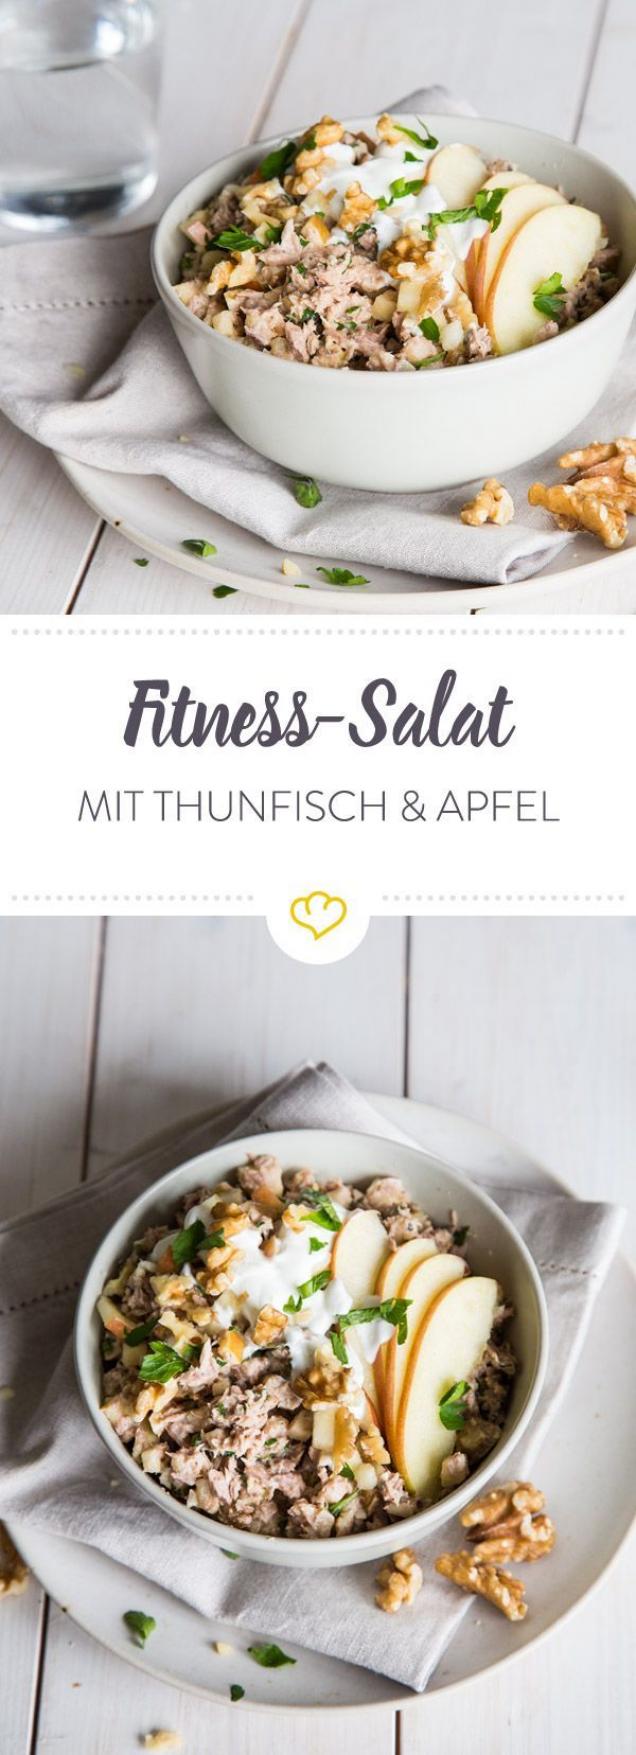 Fitness Salat mit Thunfisch Apfel und Walnüssen (Zucker weglassen Hälfte weniger Apfelessi #Fitness...